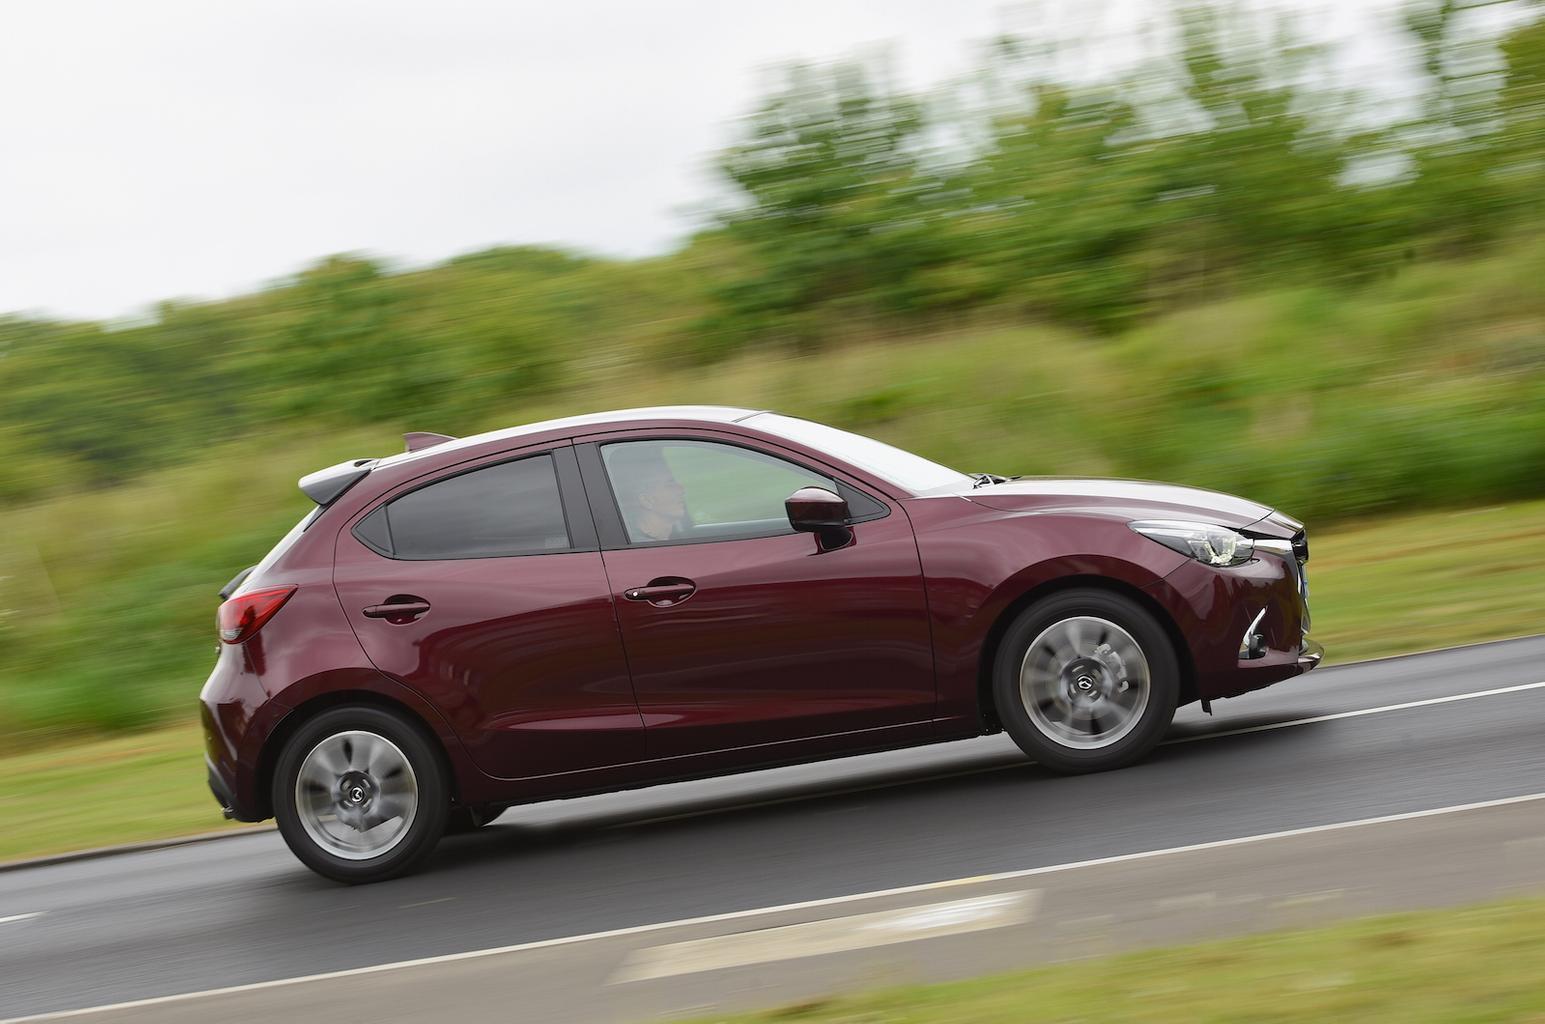 Mazda 2 1.5 Skyactiv-G 90 GT verdict and specs